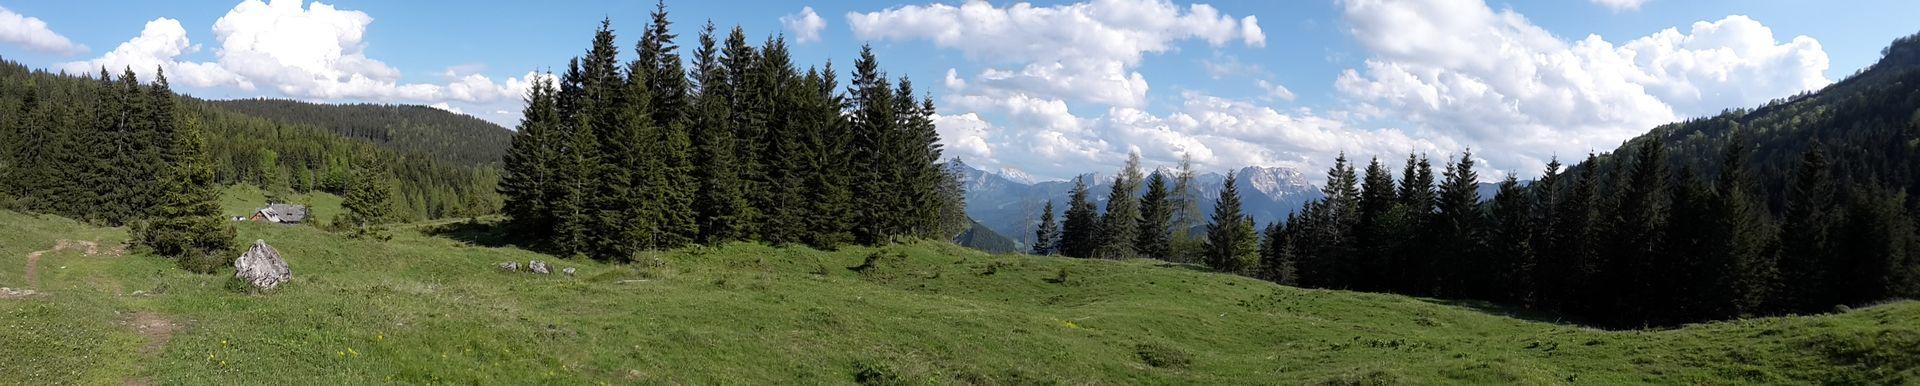 Panorama-Aufnahme vom Weg zwischen Menauer und Schüttbauer Alm bis zur Bodenwies rechts